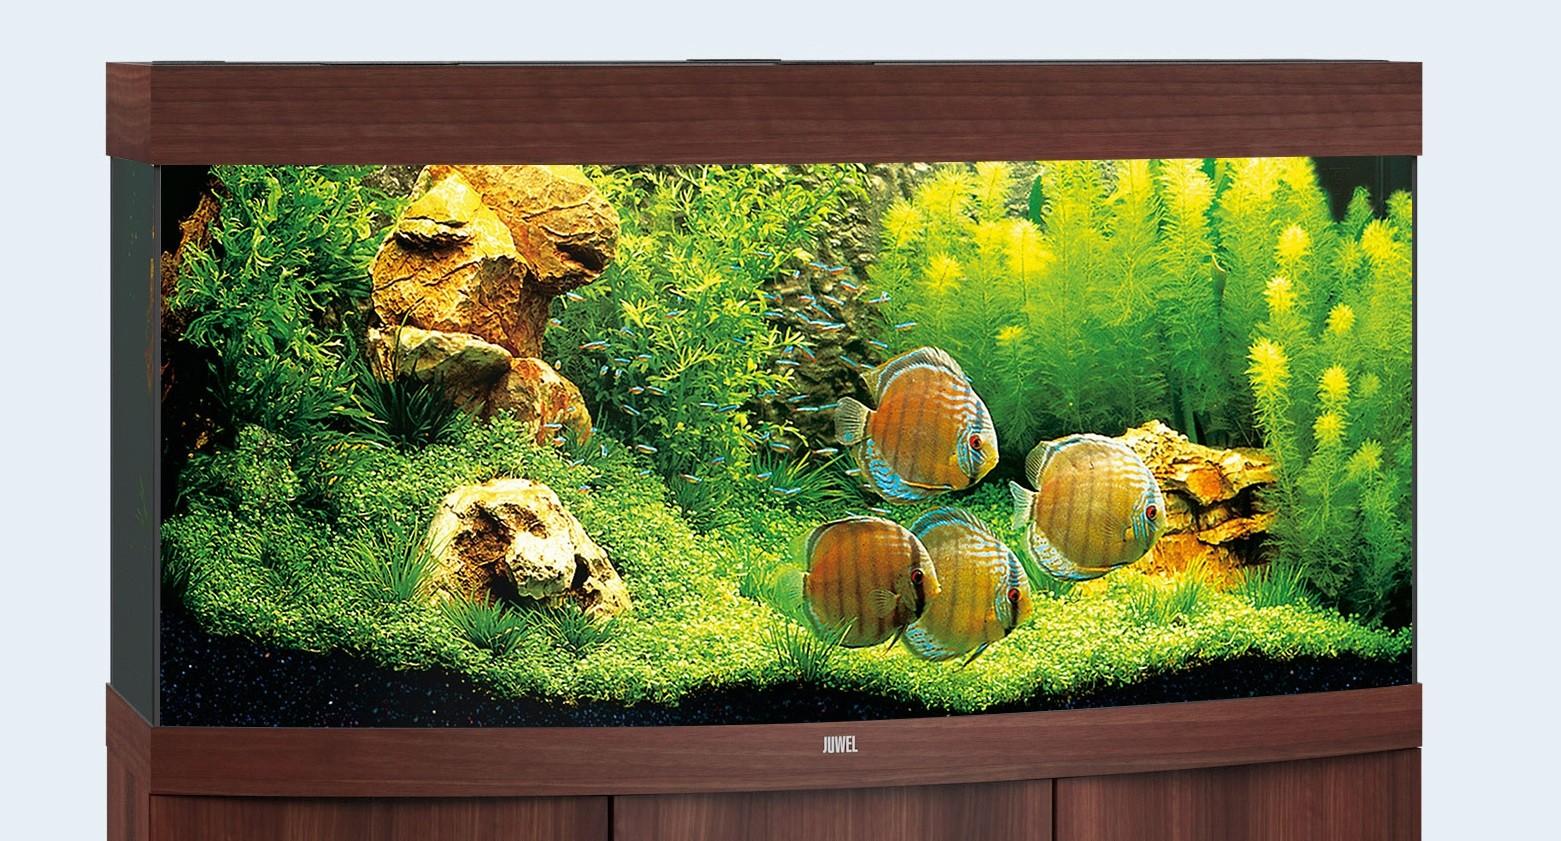 Juwel vision Akvarie 260 liter mørkt træ med Ledlys